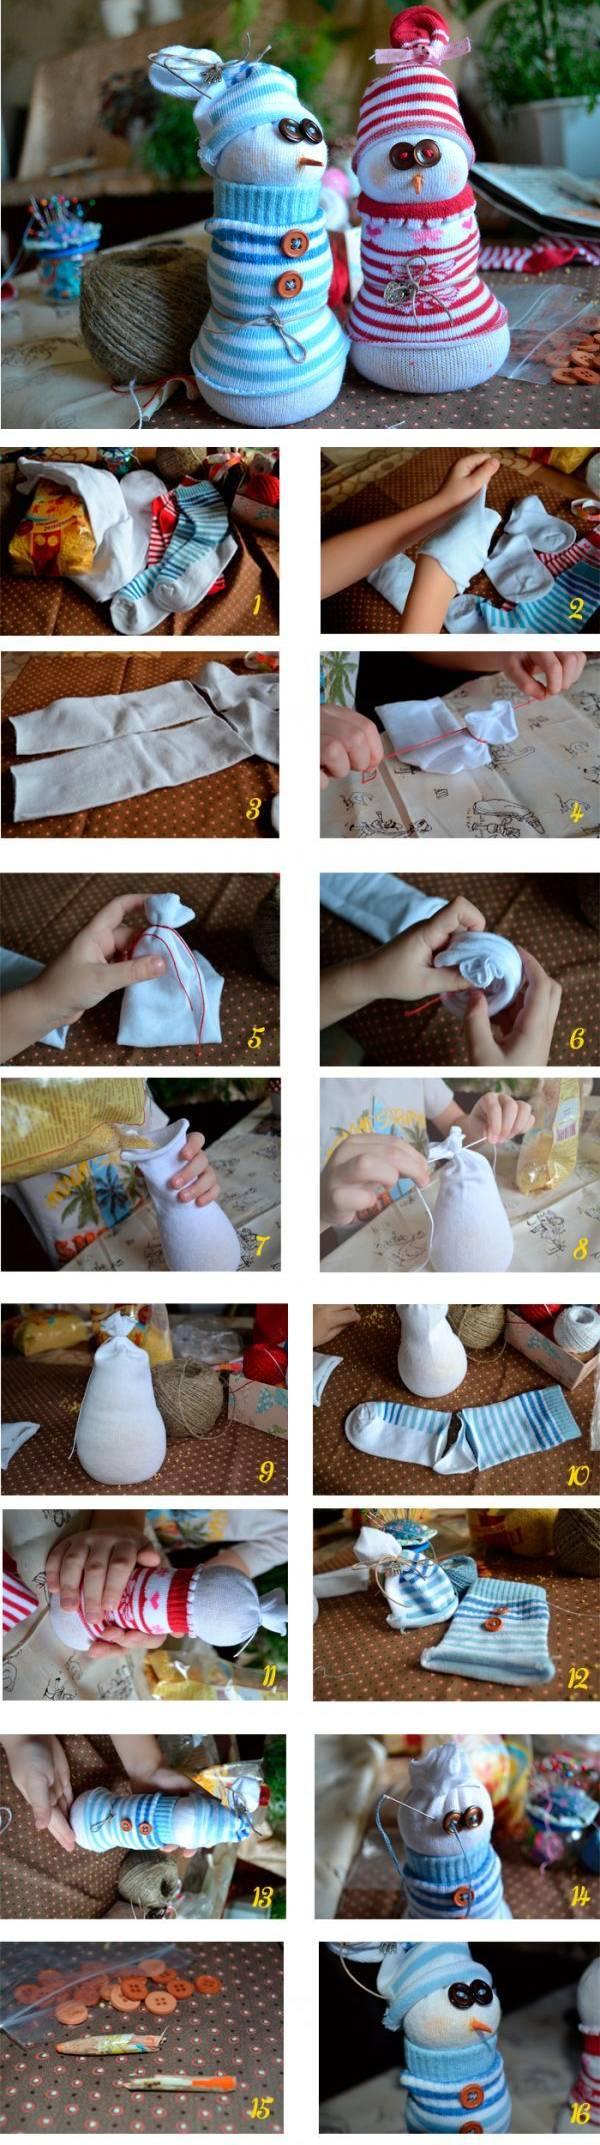 Новогодние игрушки из носков - 4 мастер-класса!